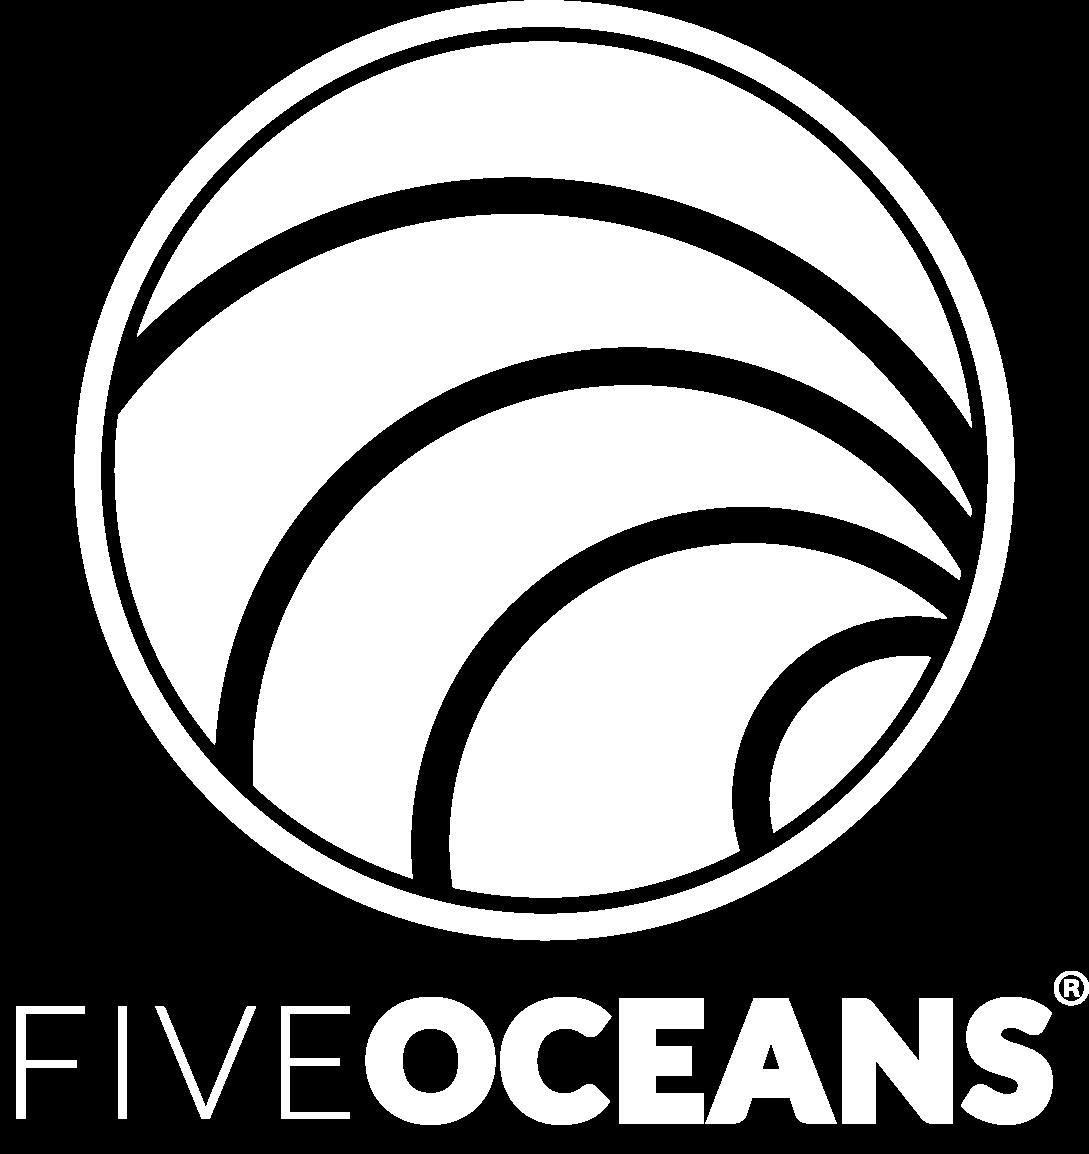 five oceans logo